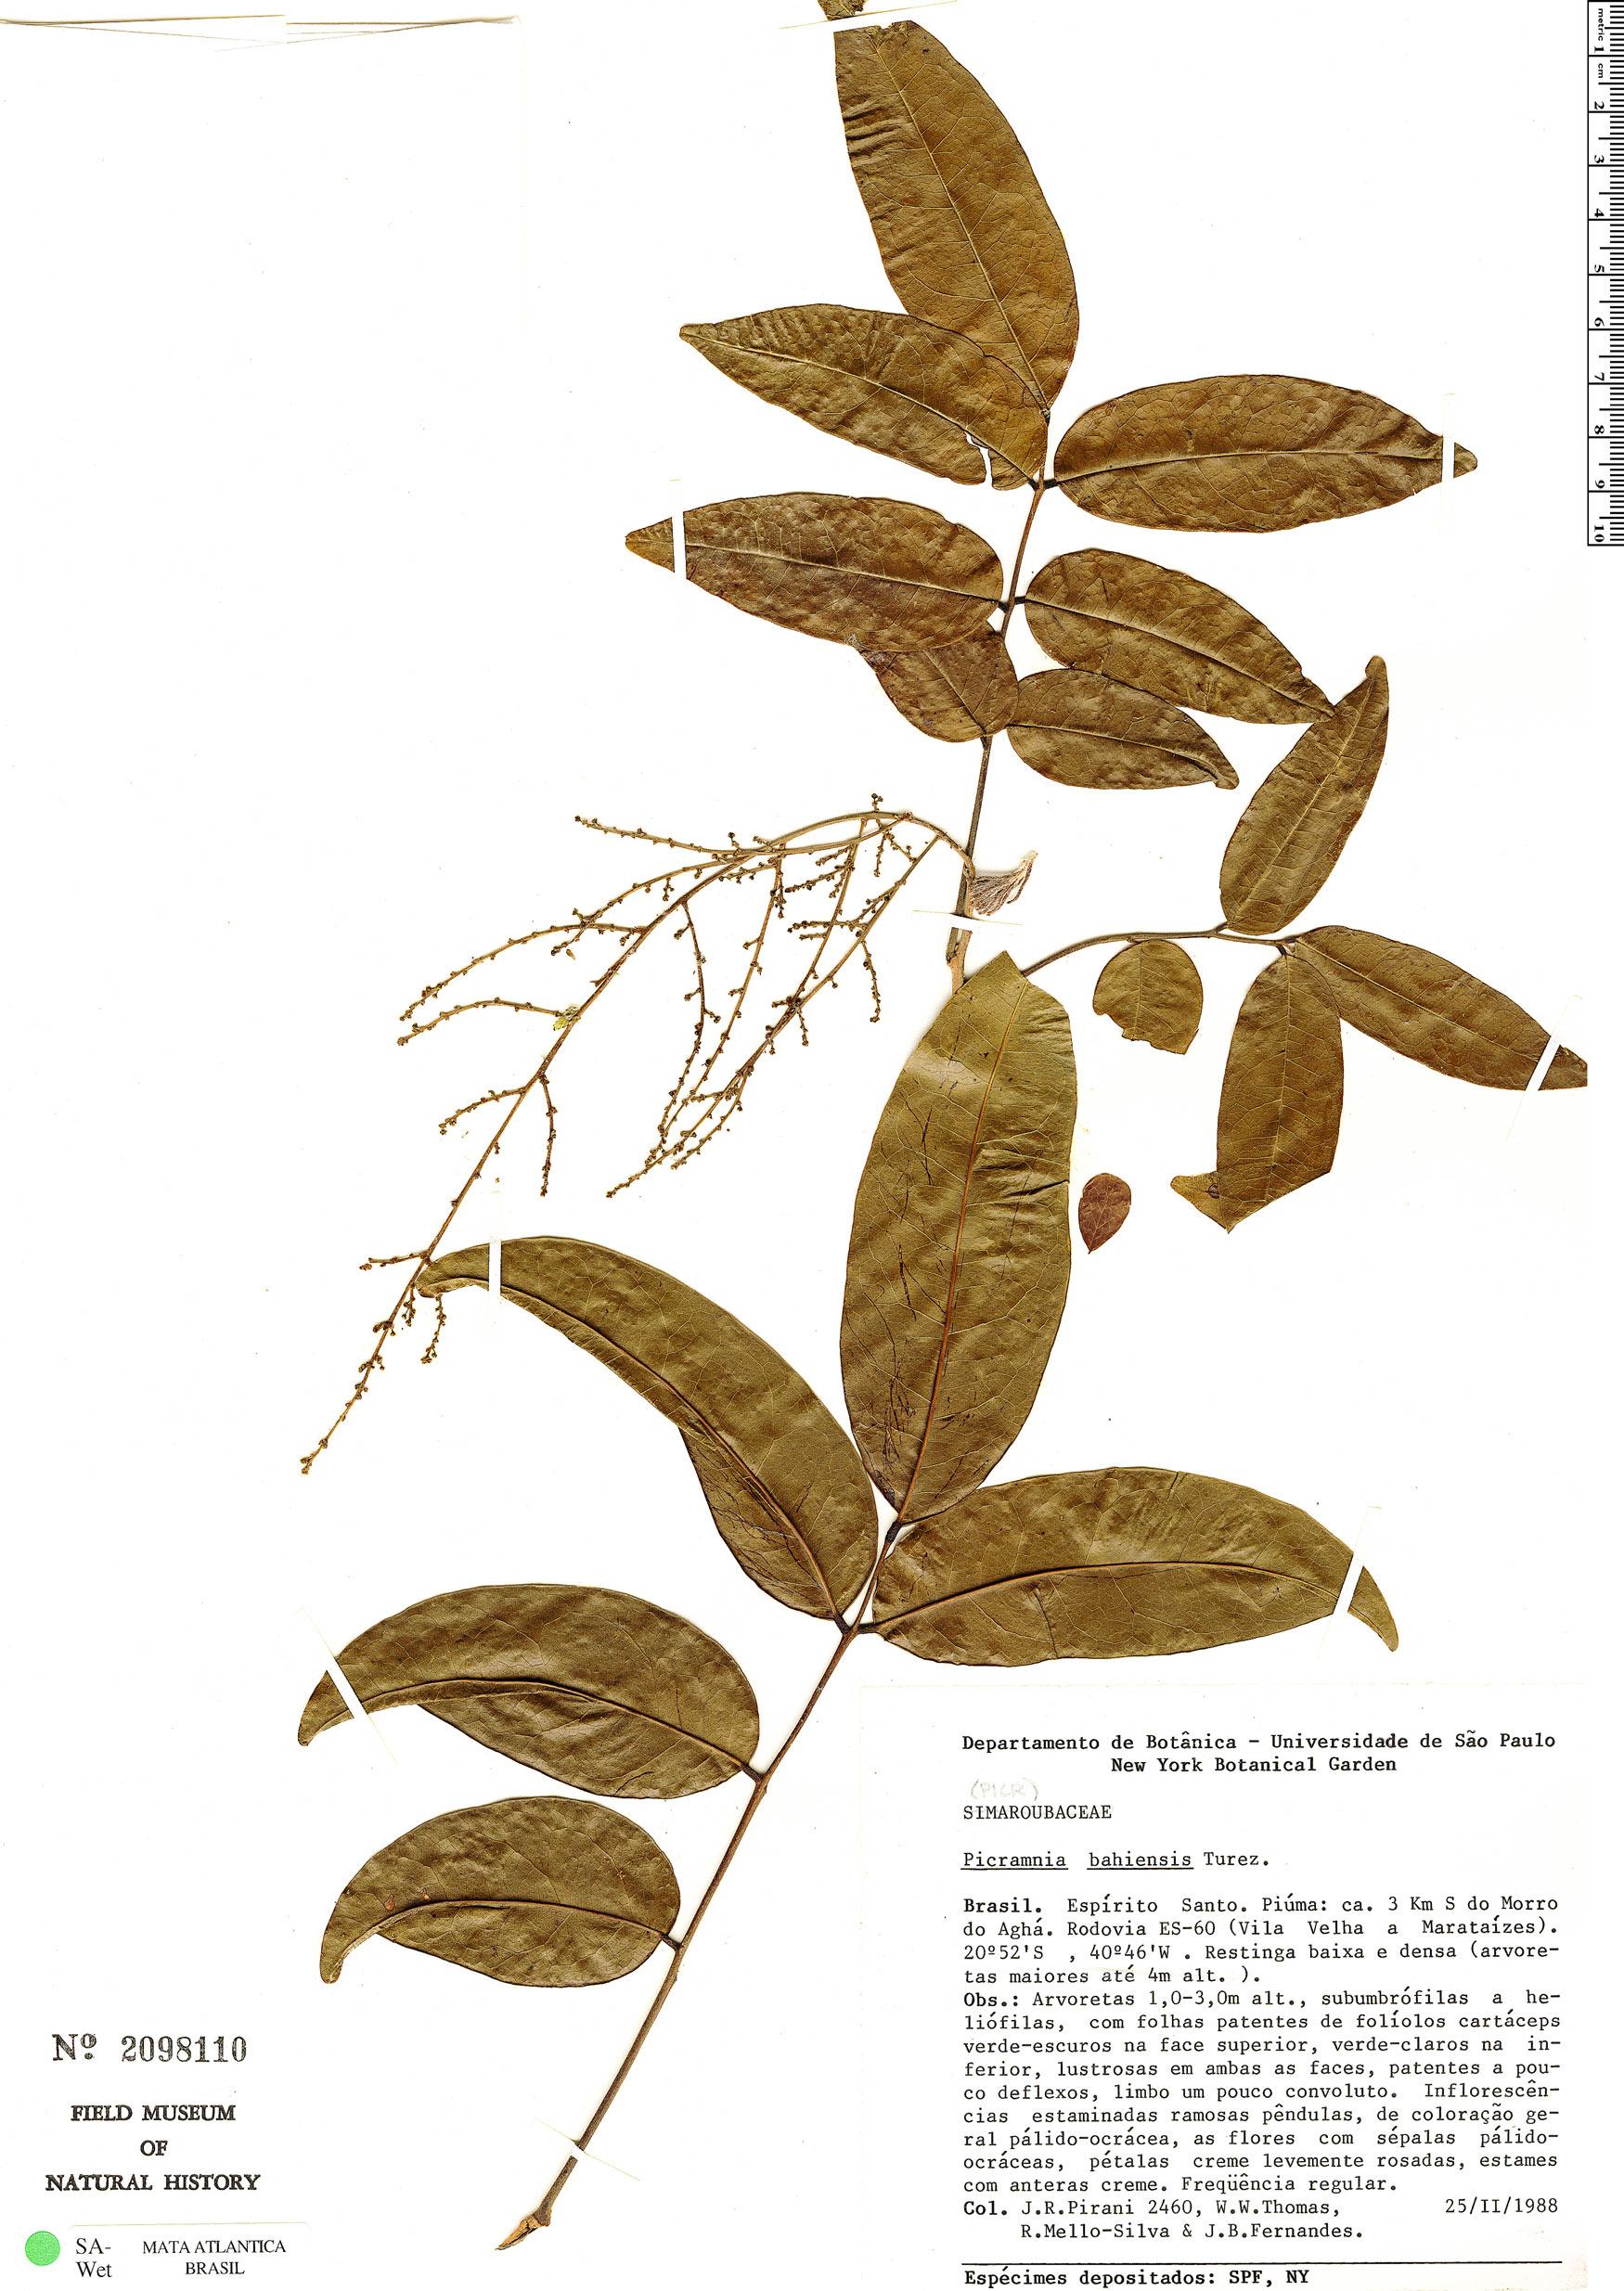 Specimen: Picramnia bahiensis